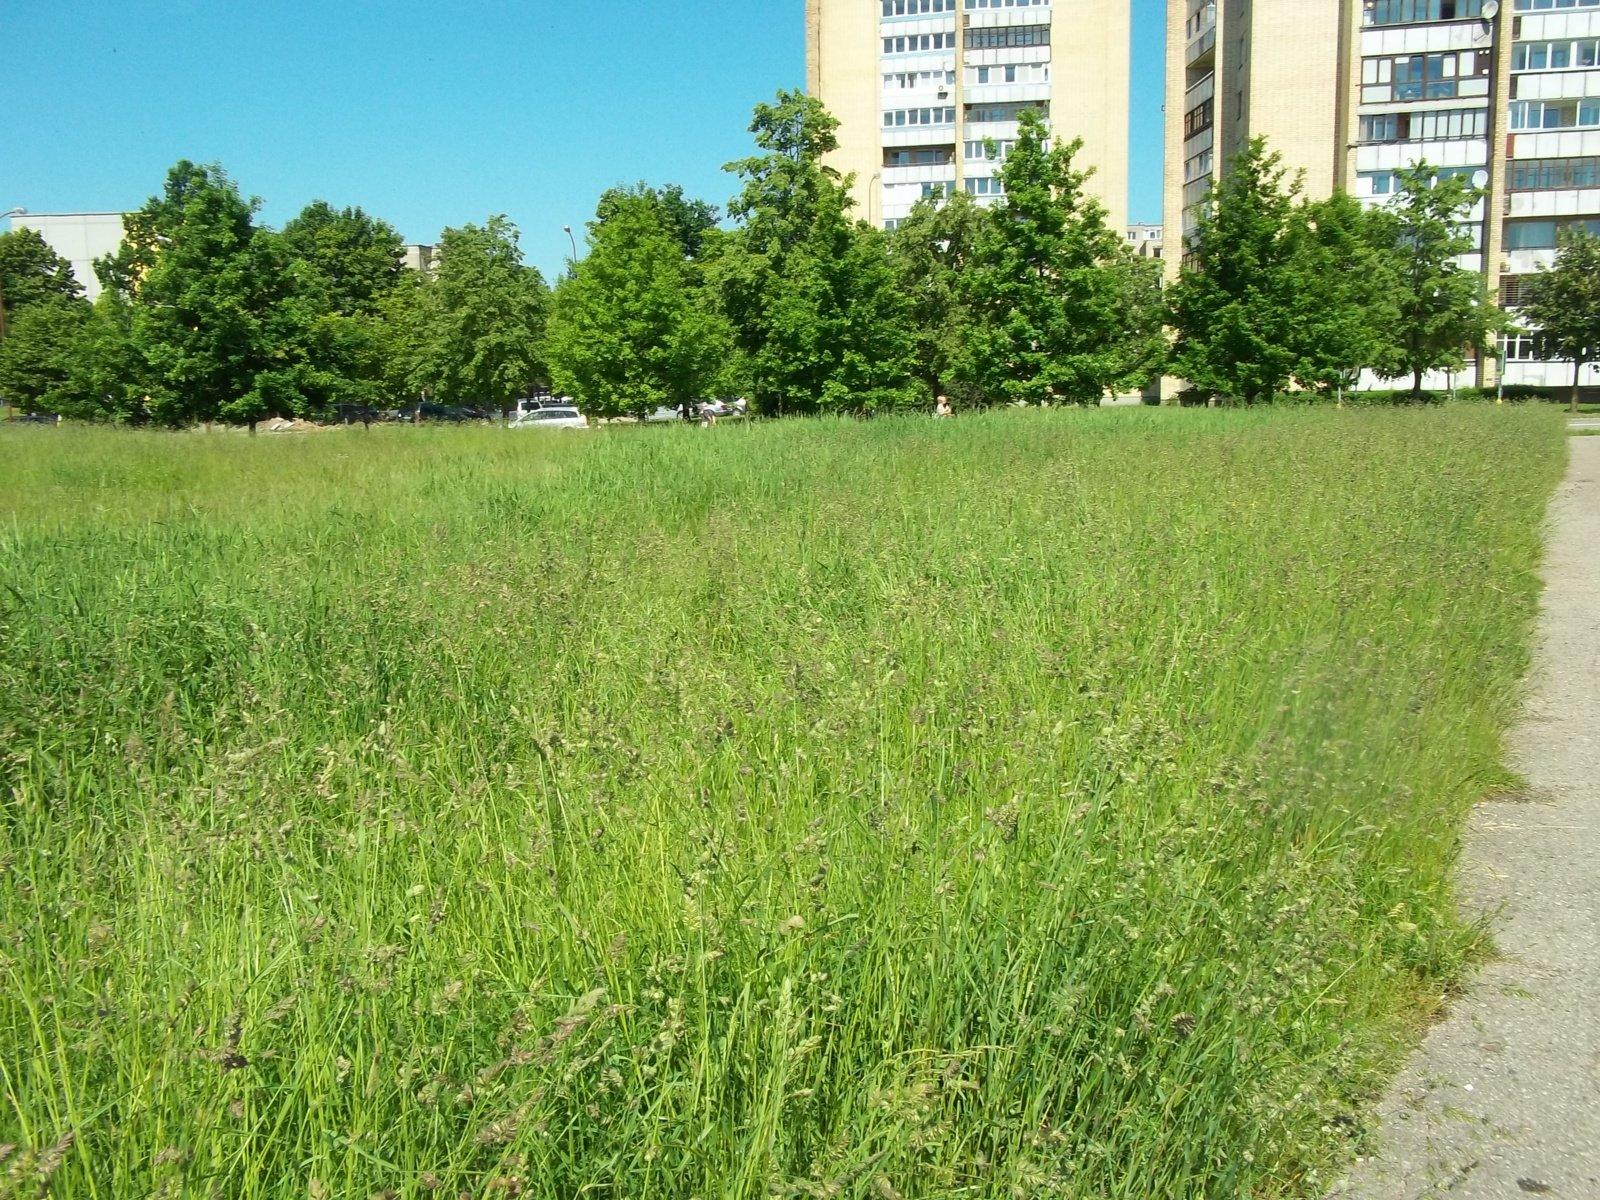 Nenupjauta žolė kelia pavojų žmonių sveikatai